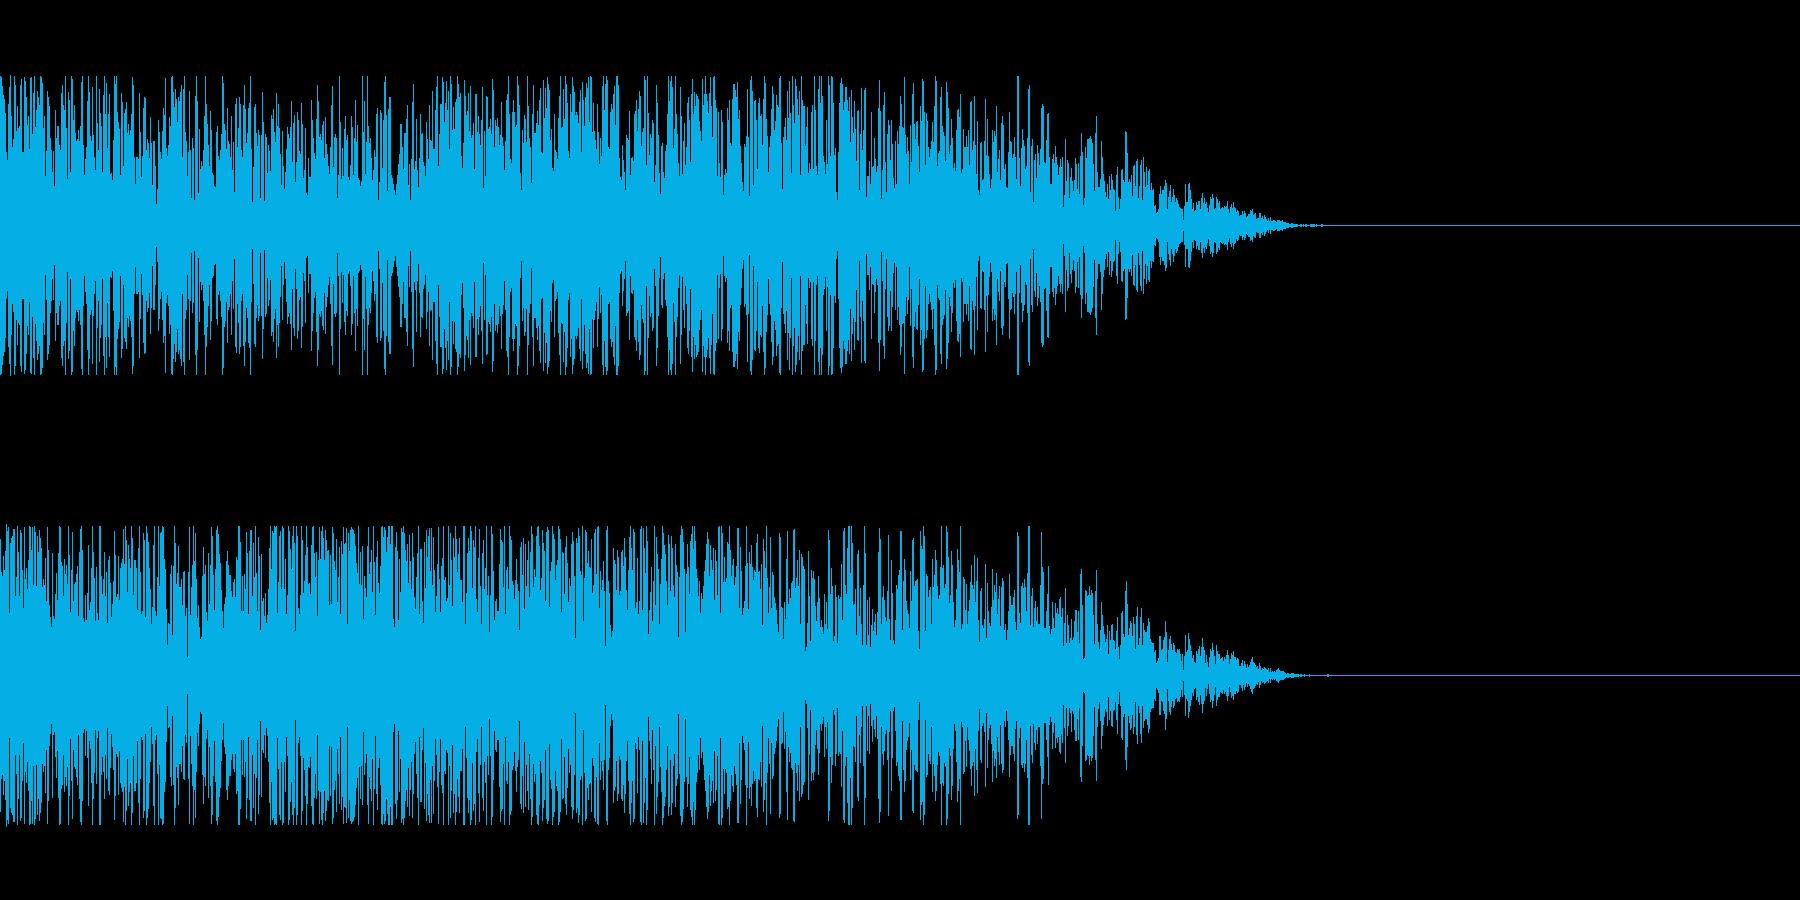 砲撃、そして着弾の再生済みの波形